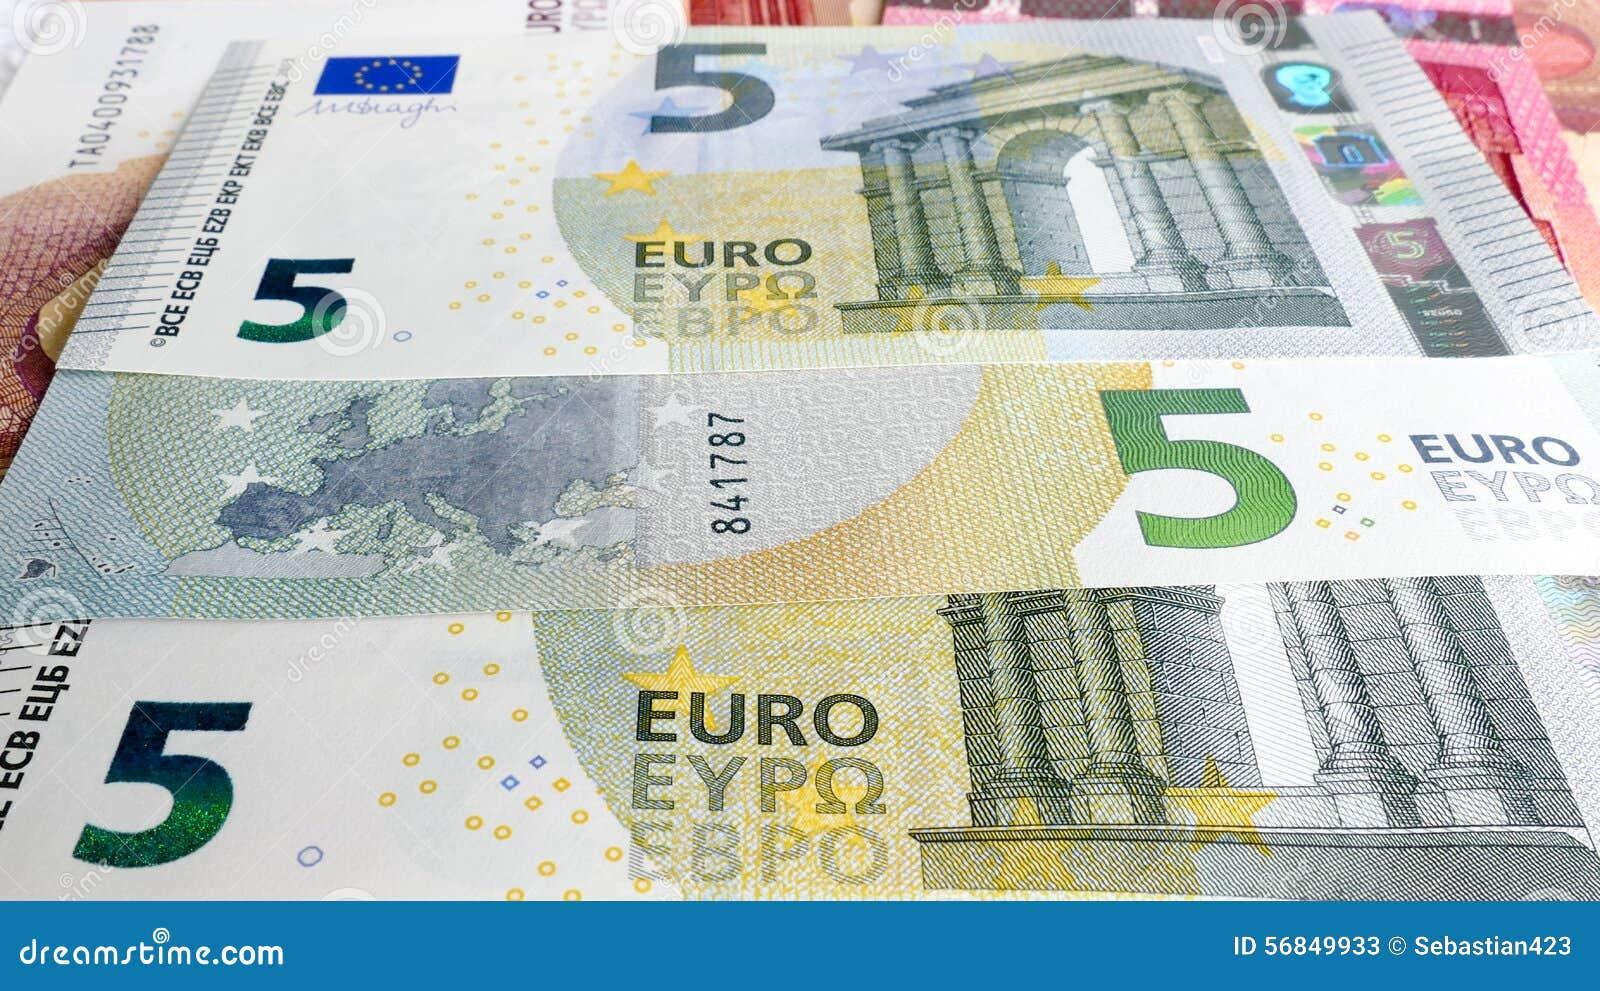 Deposito minimo 5 euro